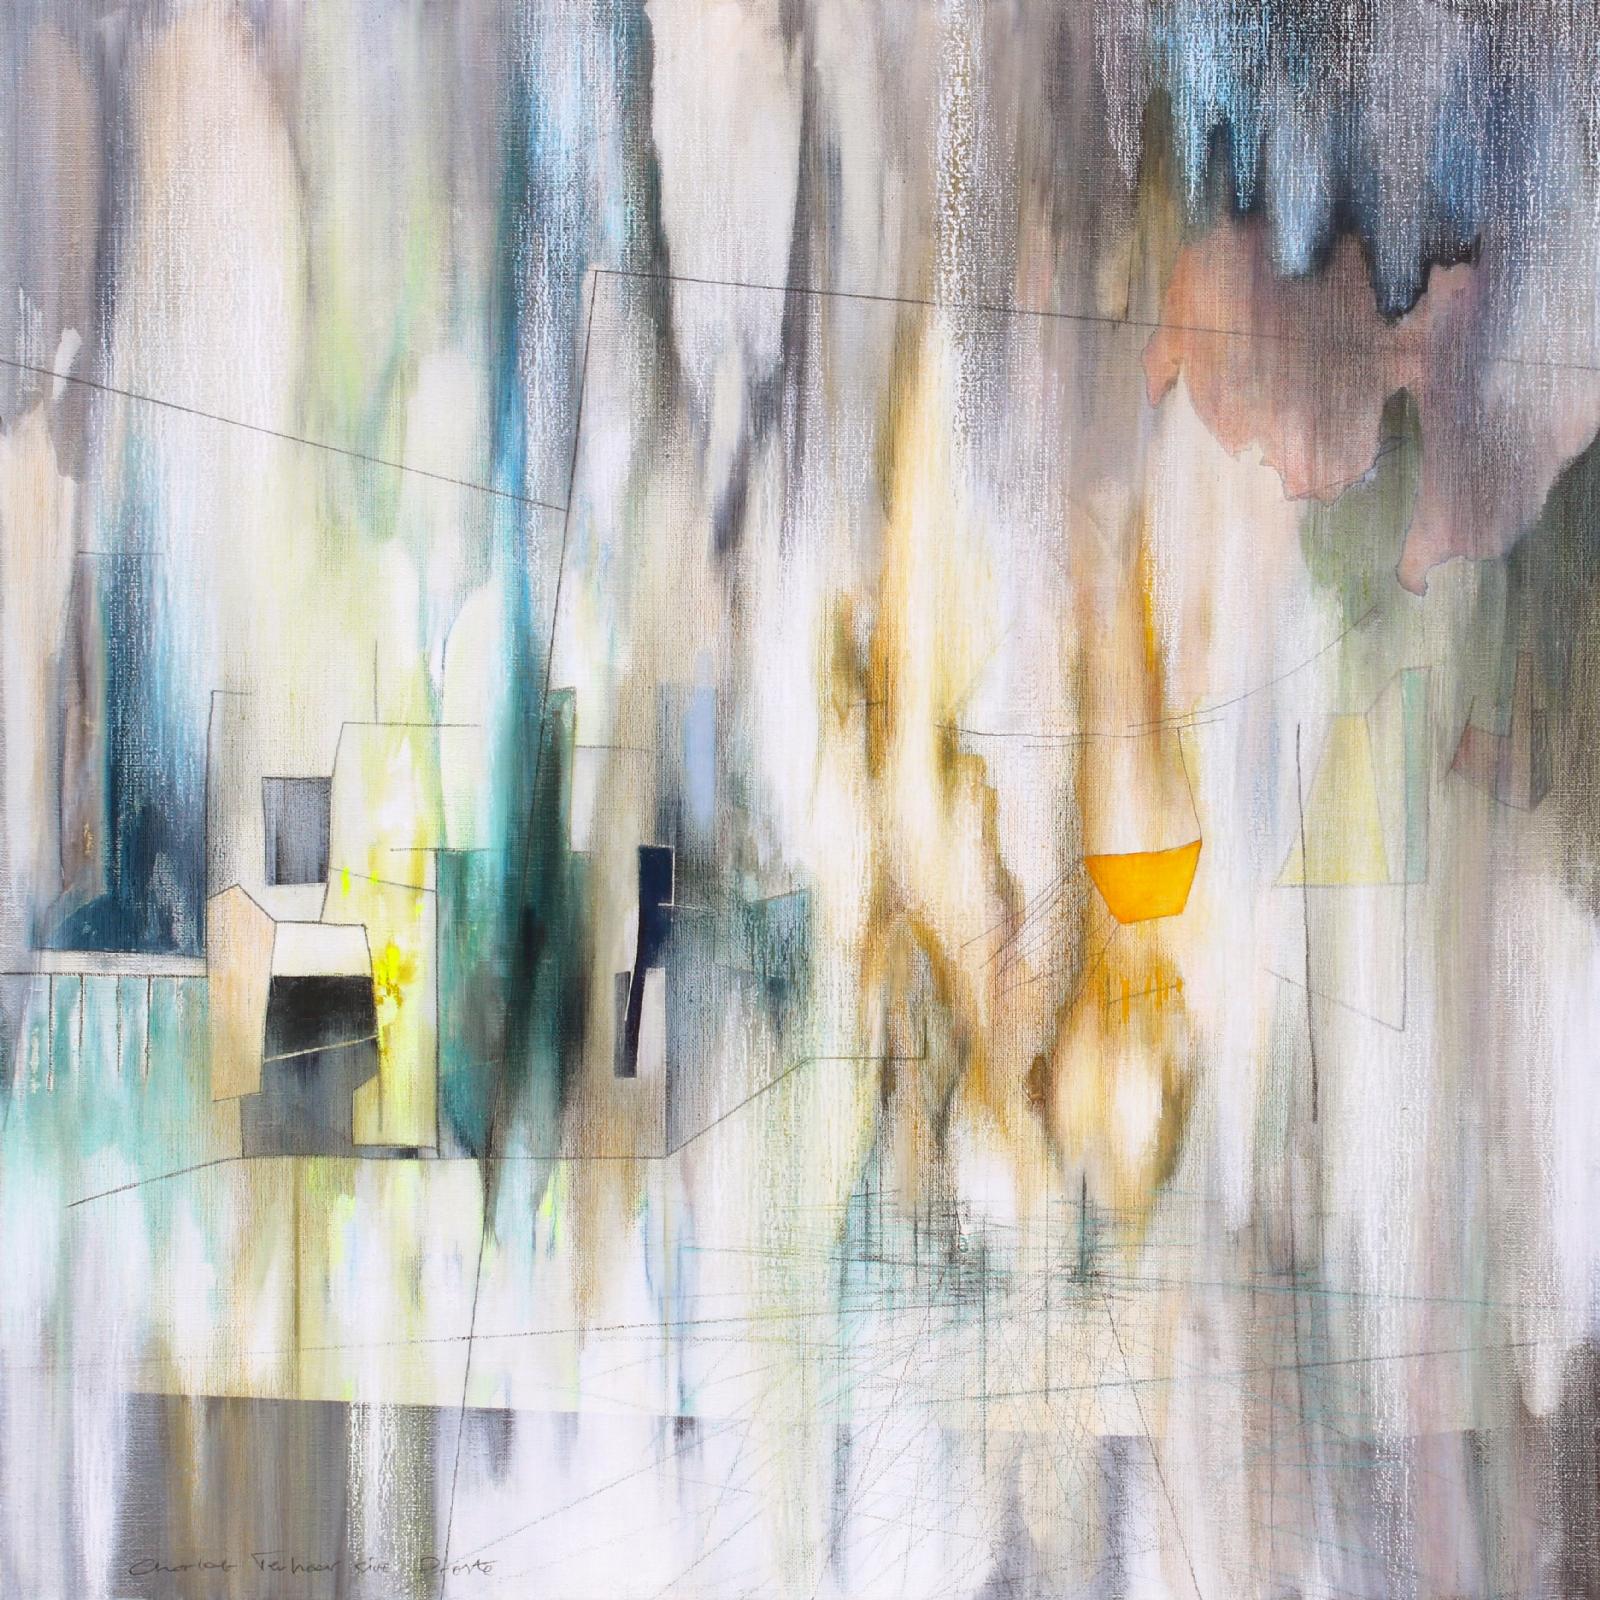 Schilderij #409